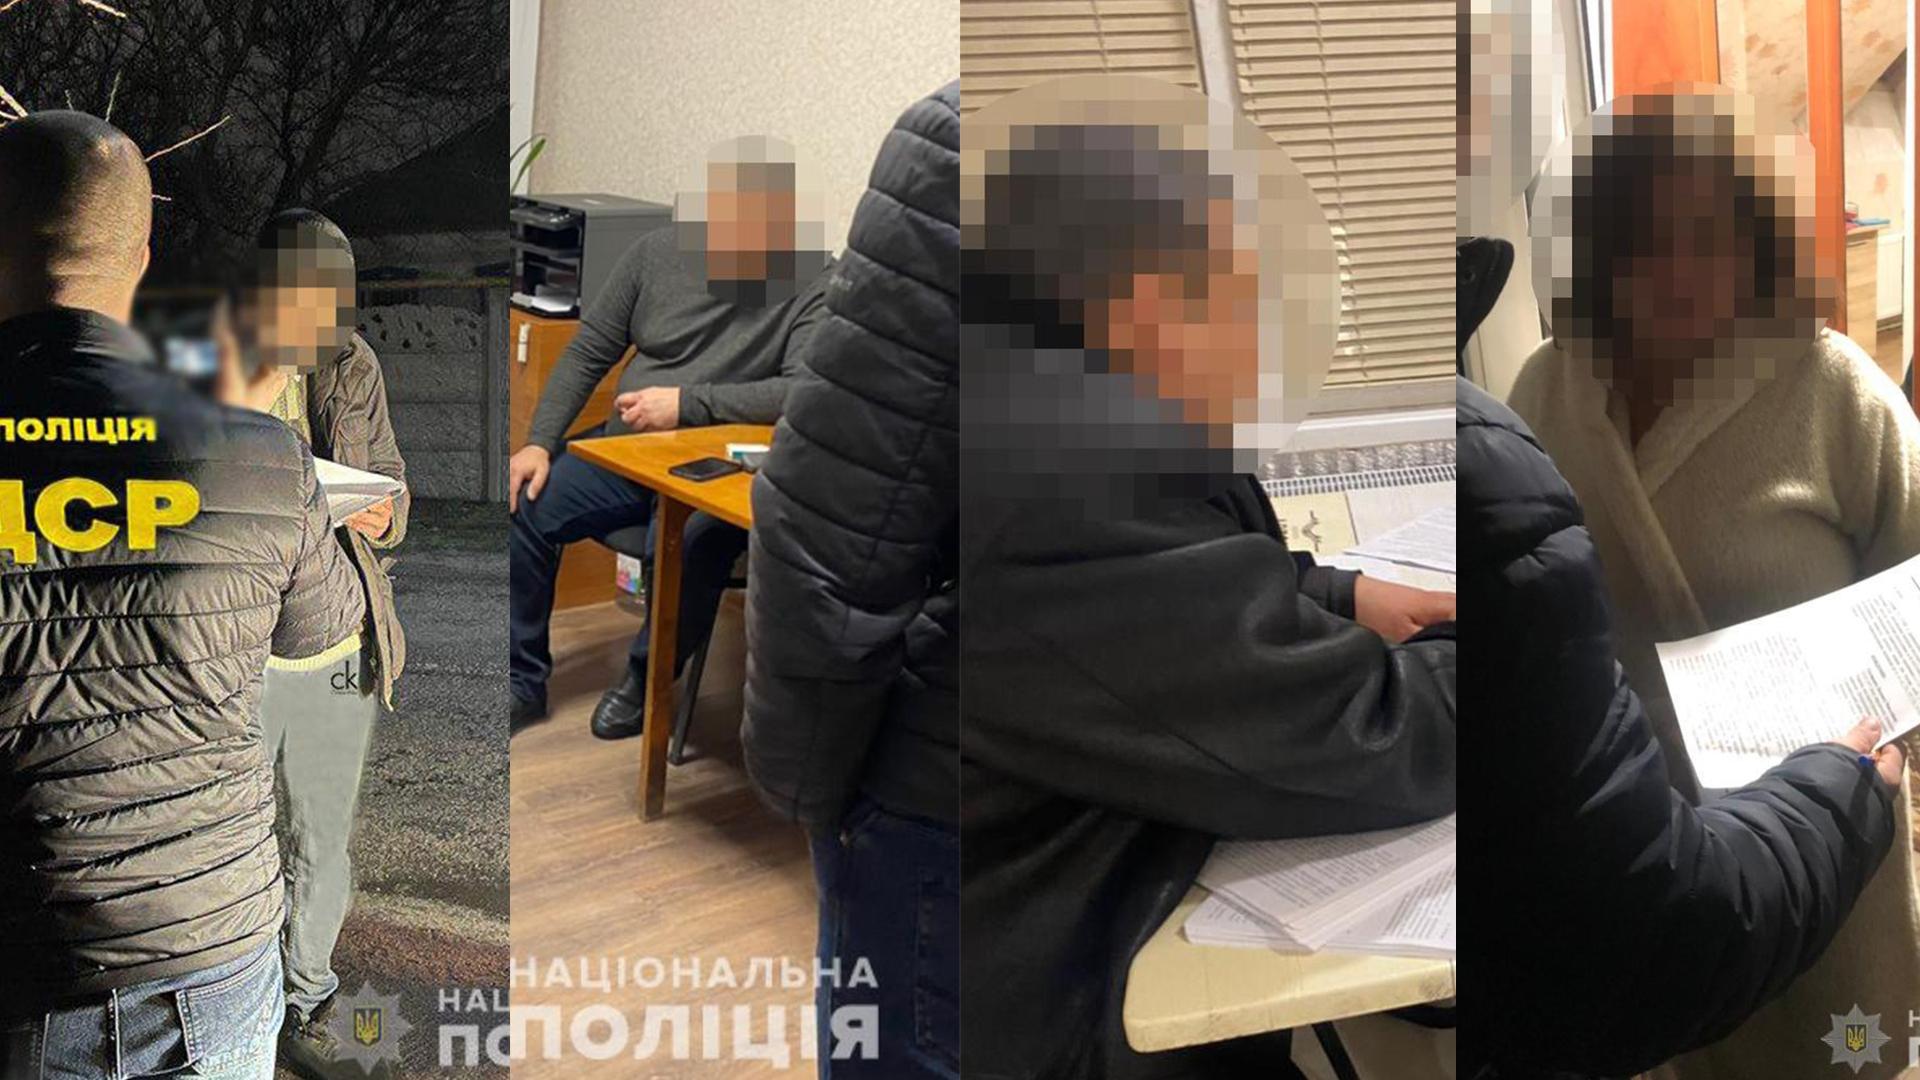 Чотирьох посадовців затримано на хабарі | Прихист